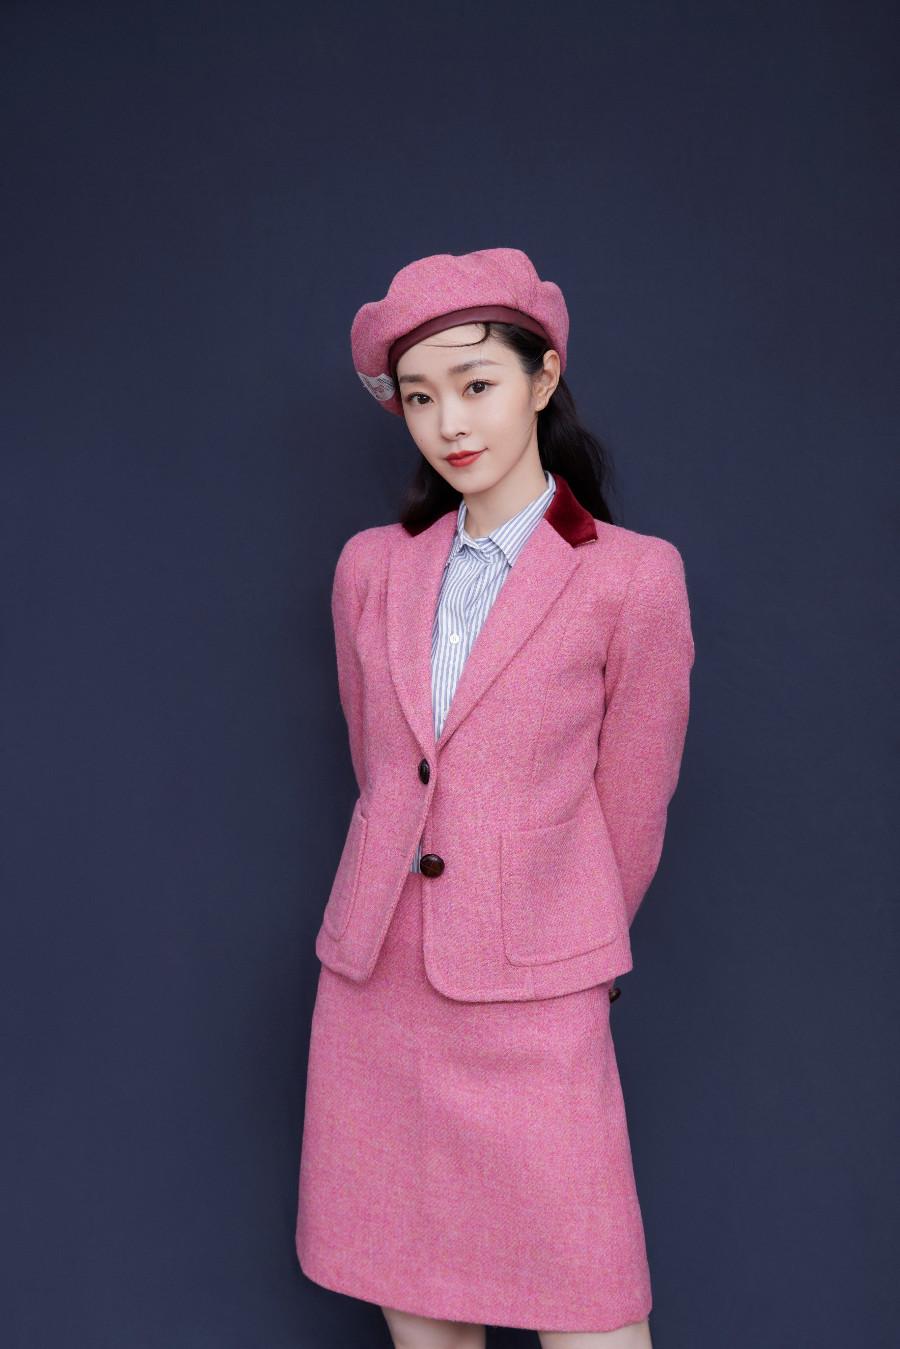 宋轶粉色西装诠释初秋浪漫.jpeg